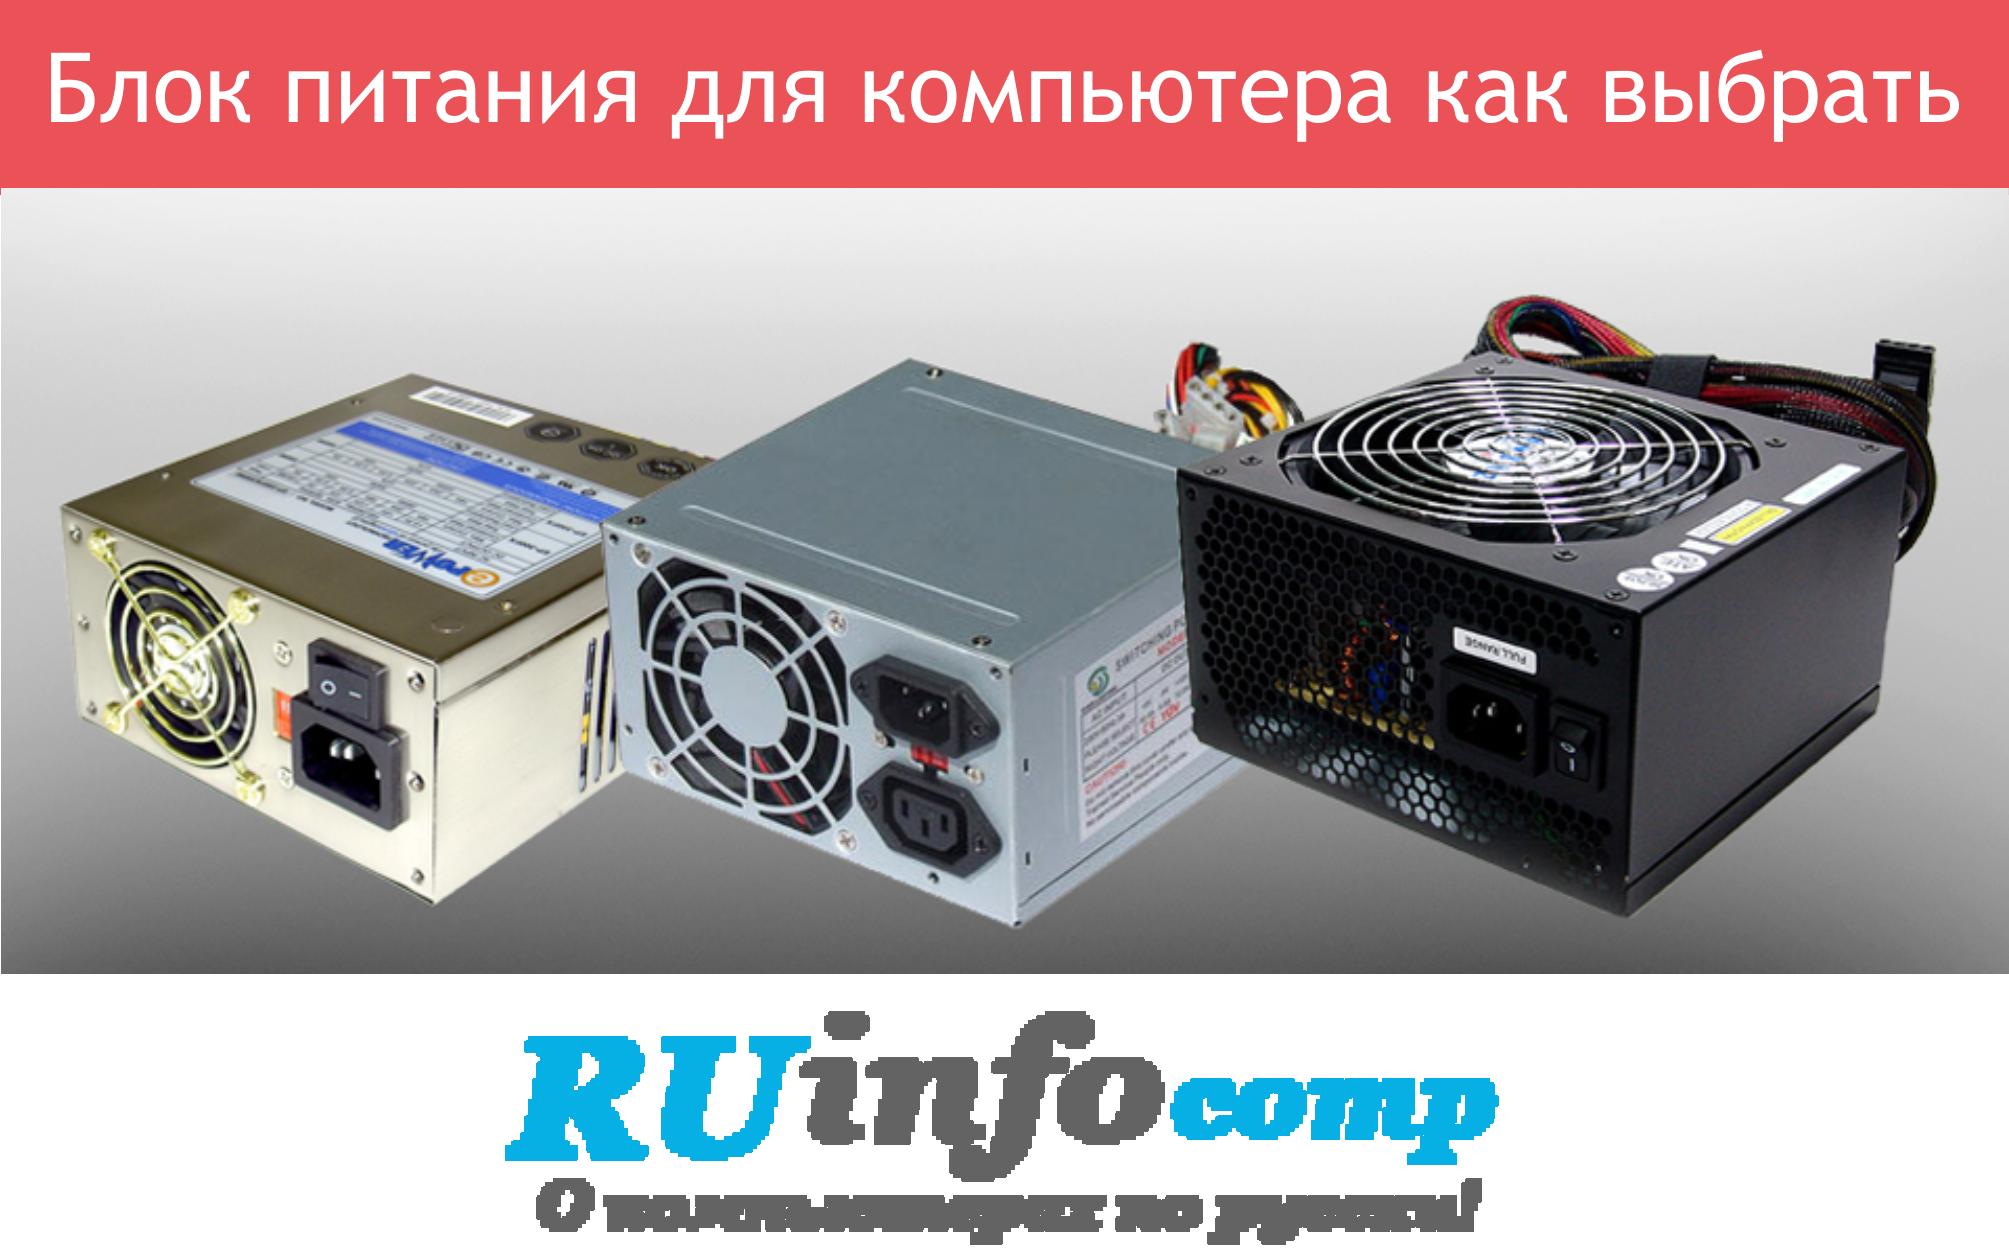 Характеристики компьютерных блоков питания   beginpc.ru